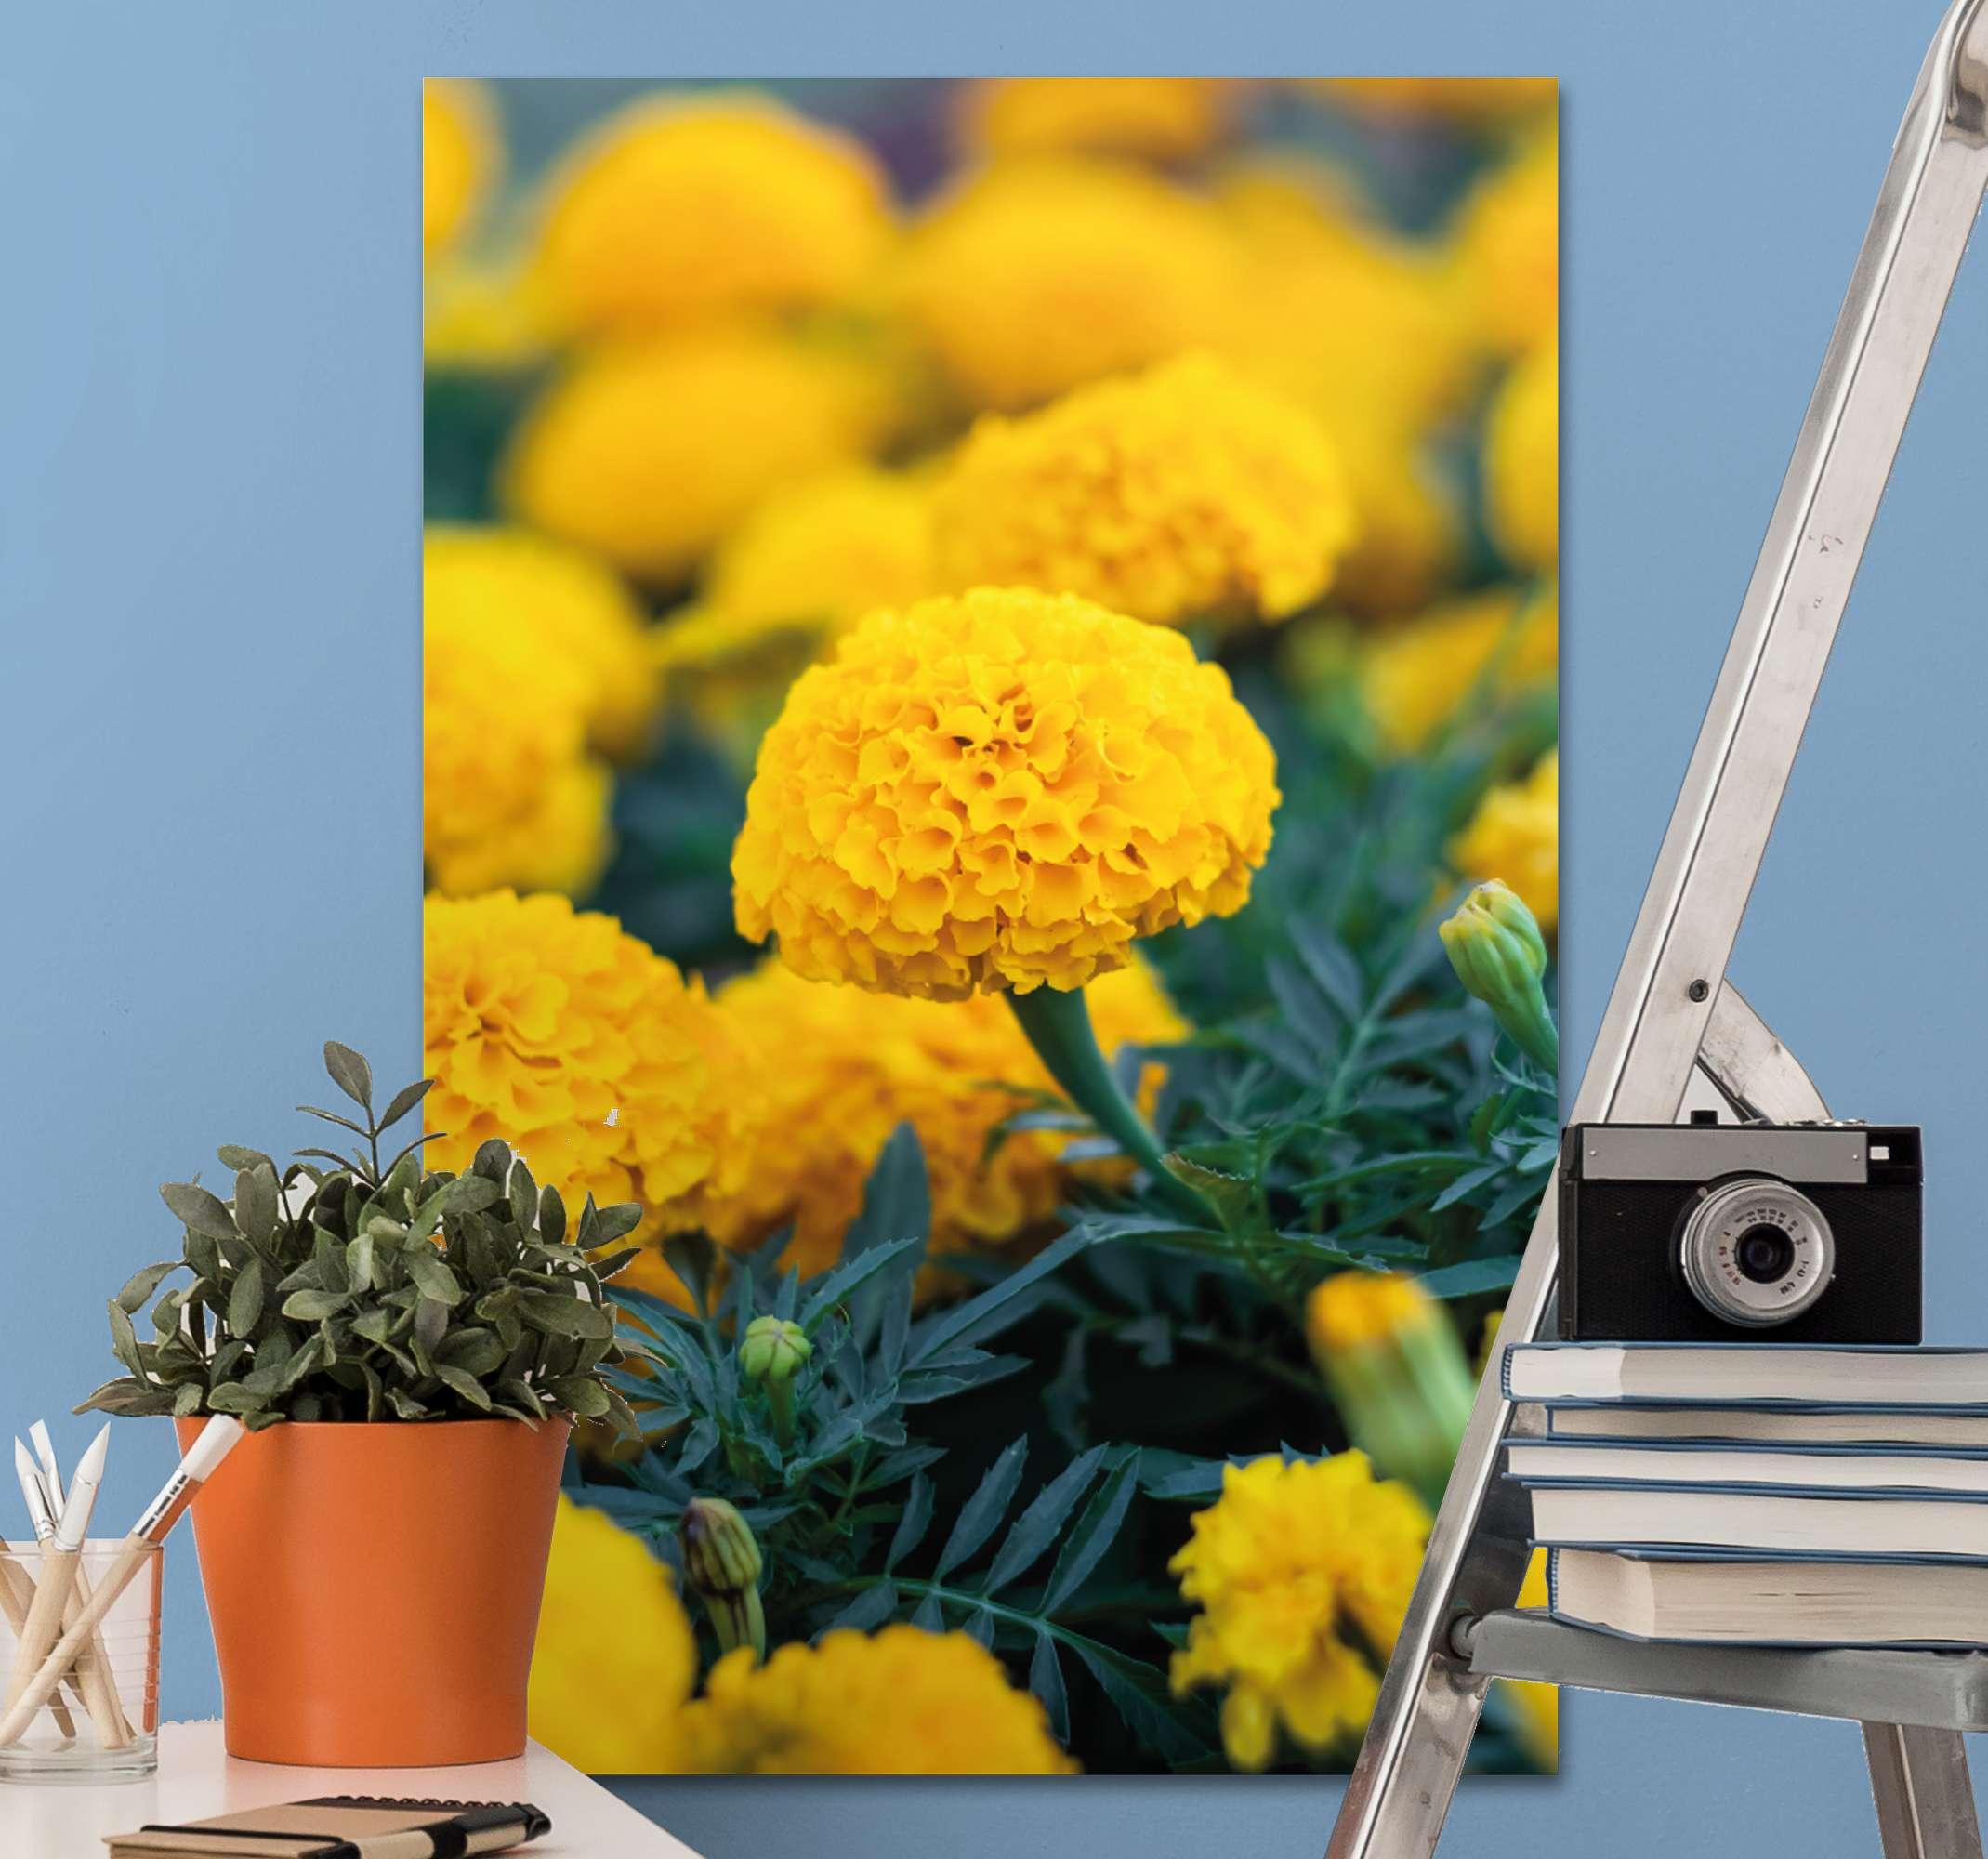 TenStickers. 3D gele bloemen canvas schilderen . Mooi gele bloemen canvas voor thuis en gemeenschappelijke ruimtes zoals woonkamer, kantoor, woonkamer, gastenverblijf, enz